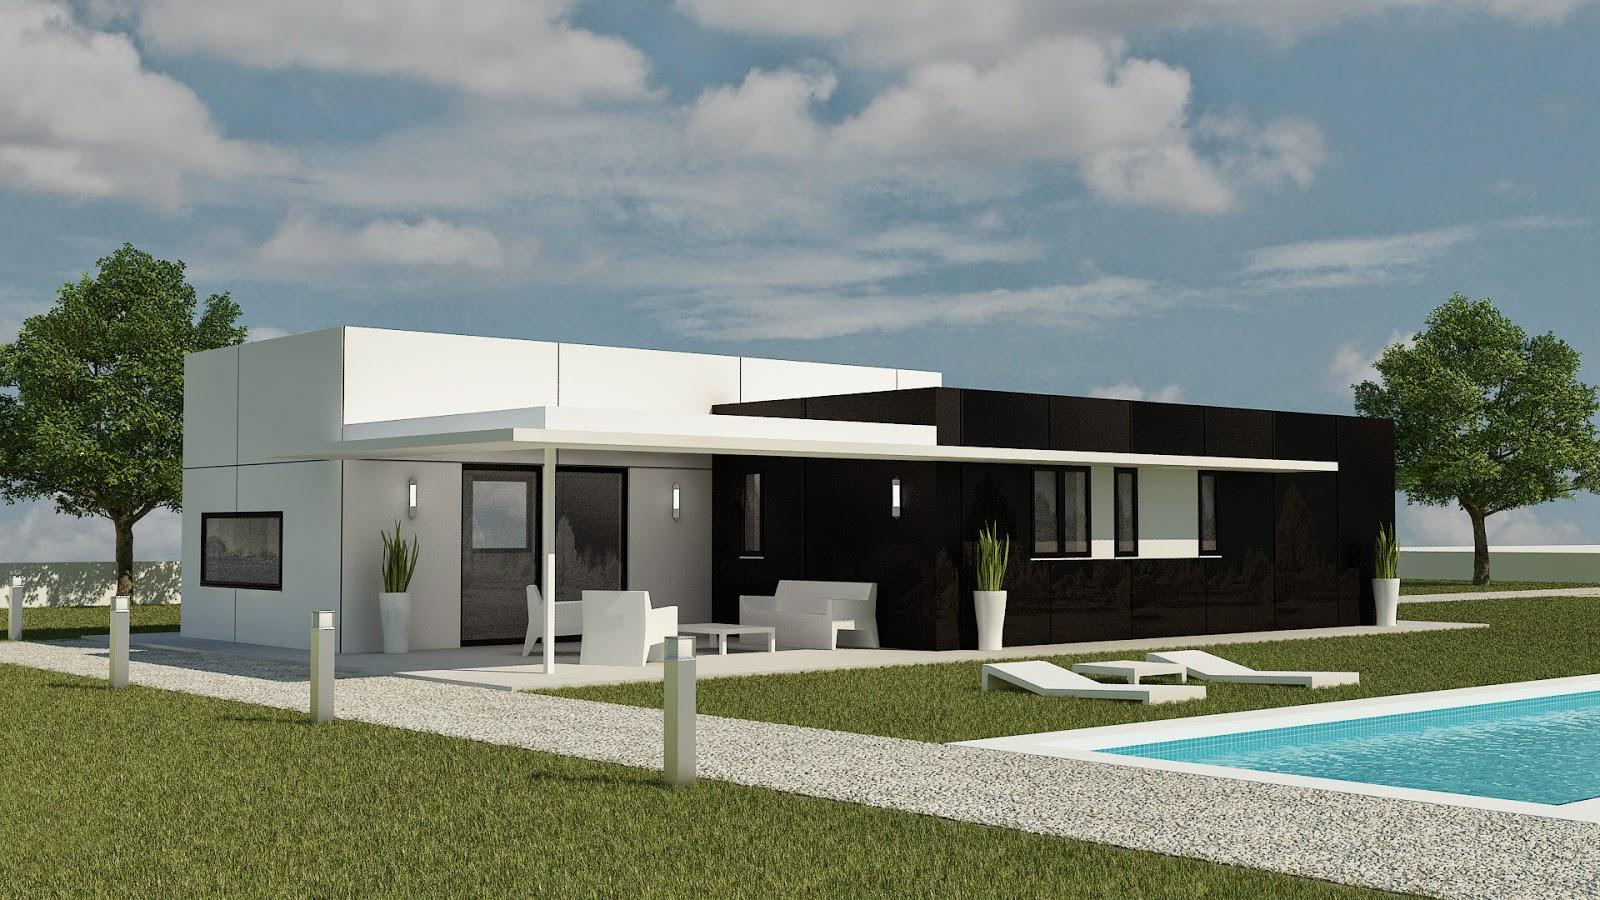 Porches un detalle innovador en nuestras construcciones modulares resan modular - Disenos de porches de casas ...